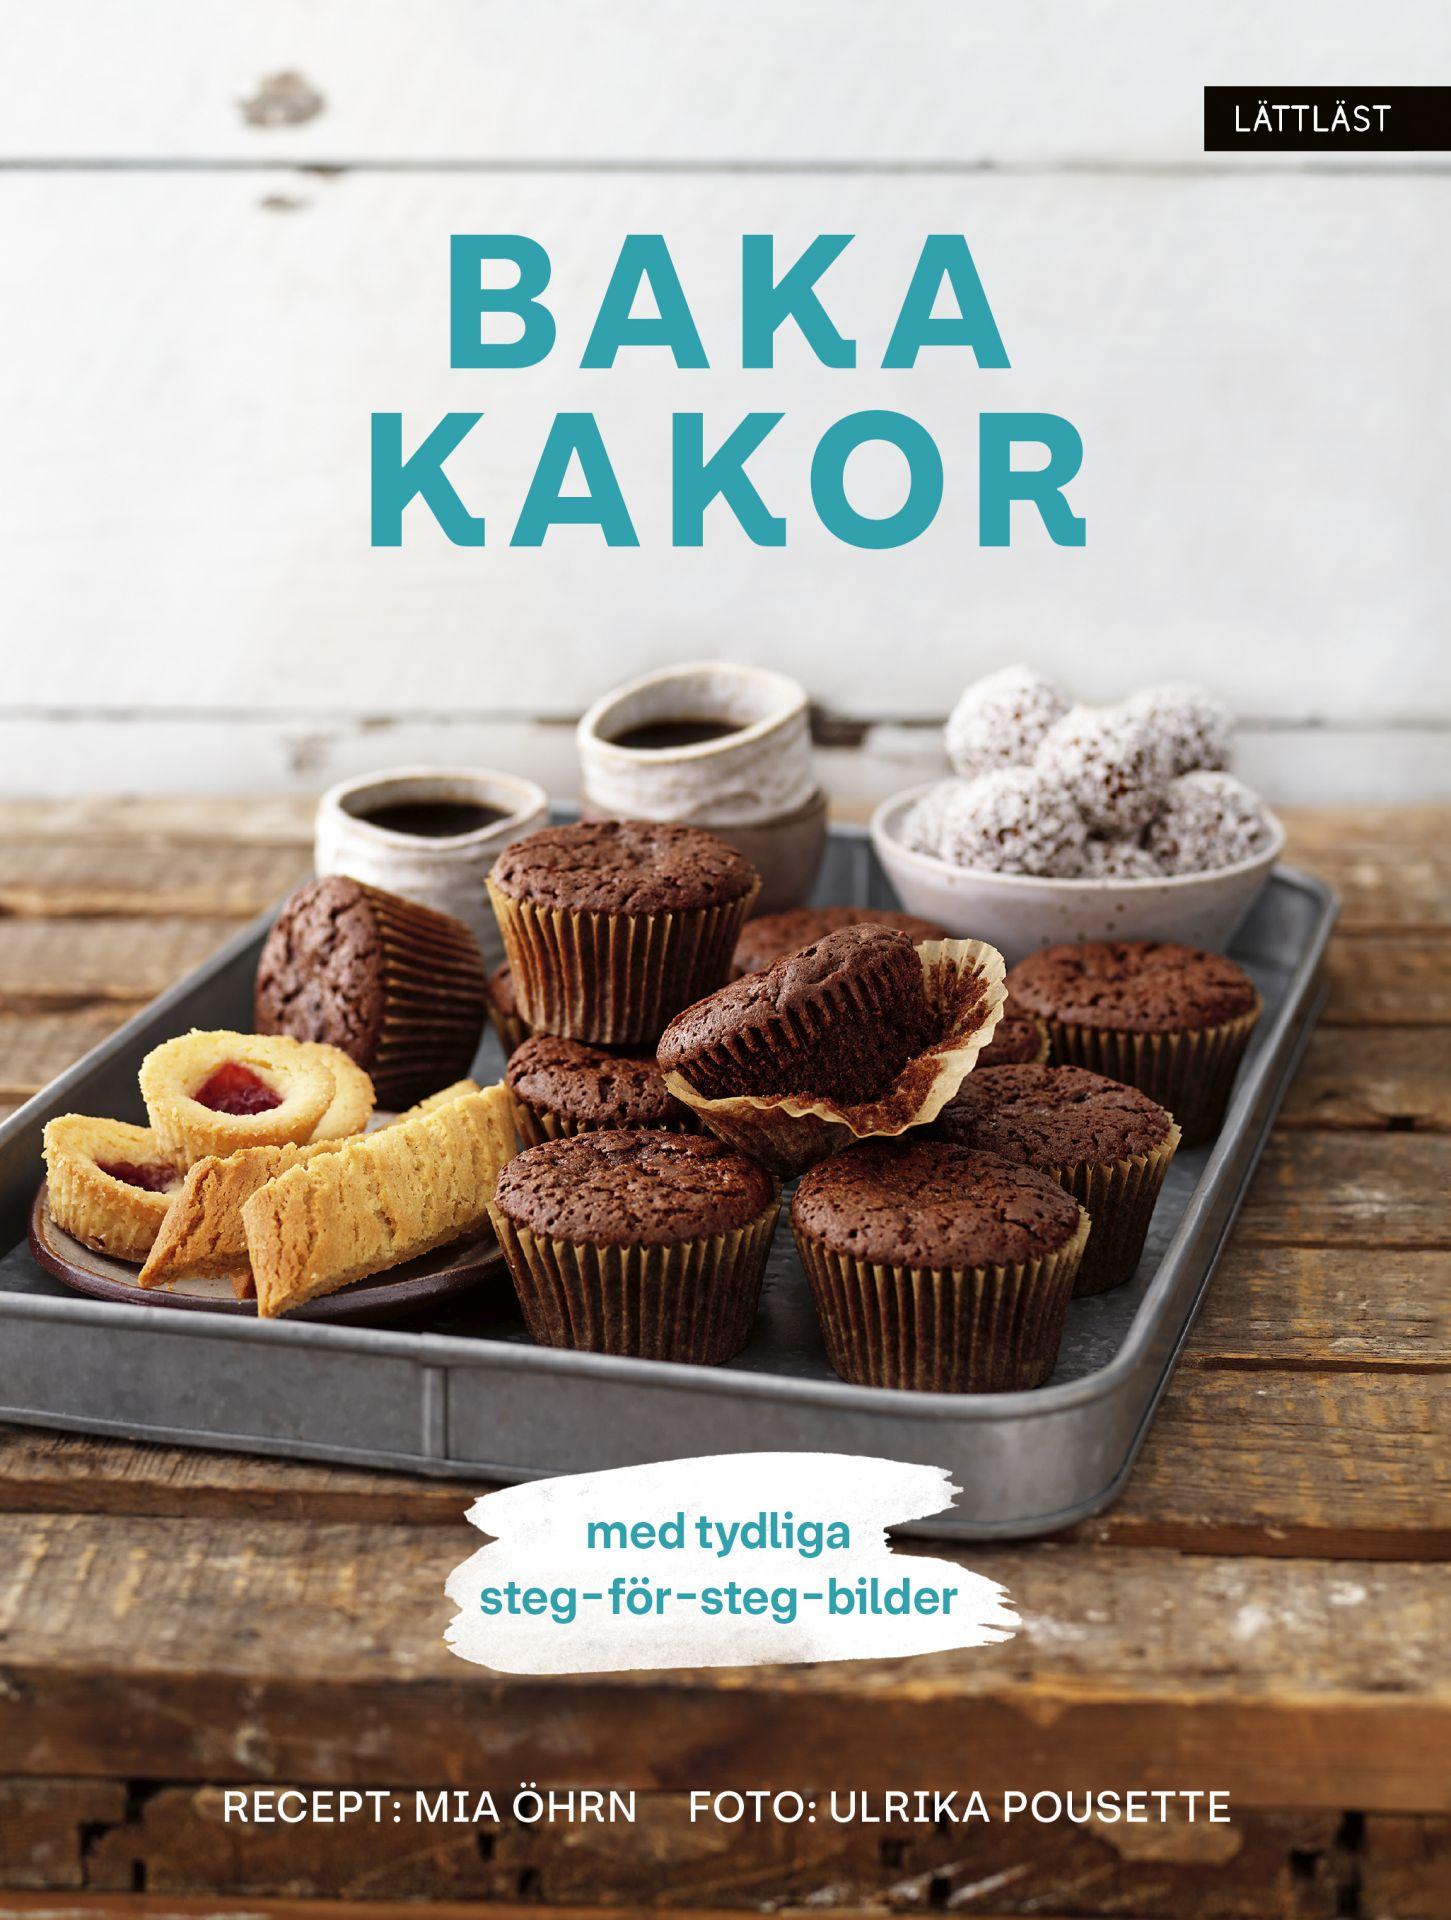 Bild på chokladmuffins och andra bakverk.